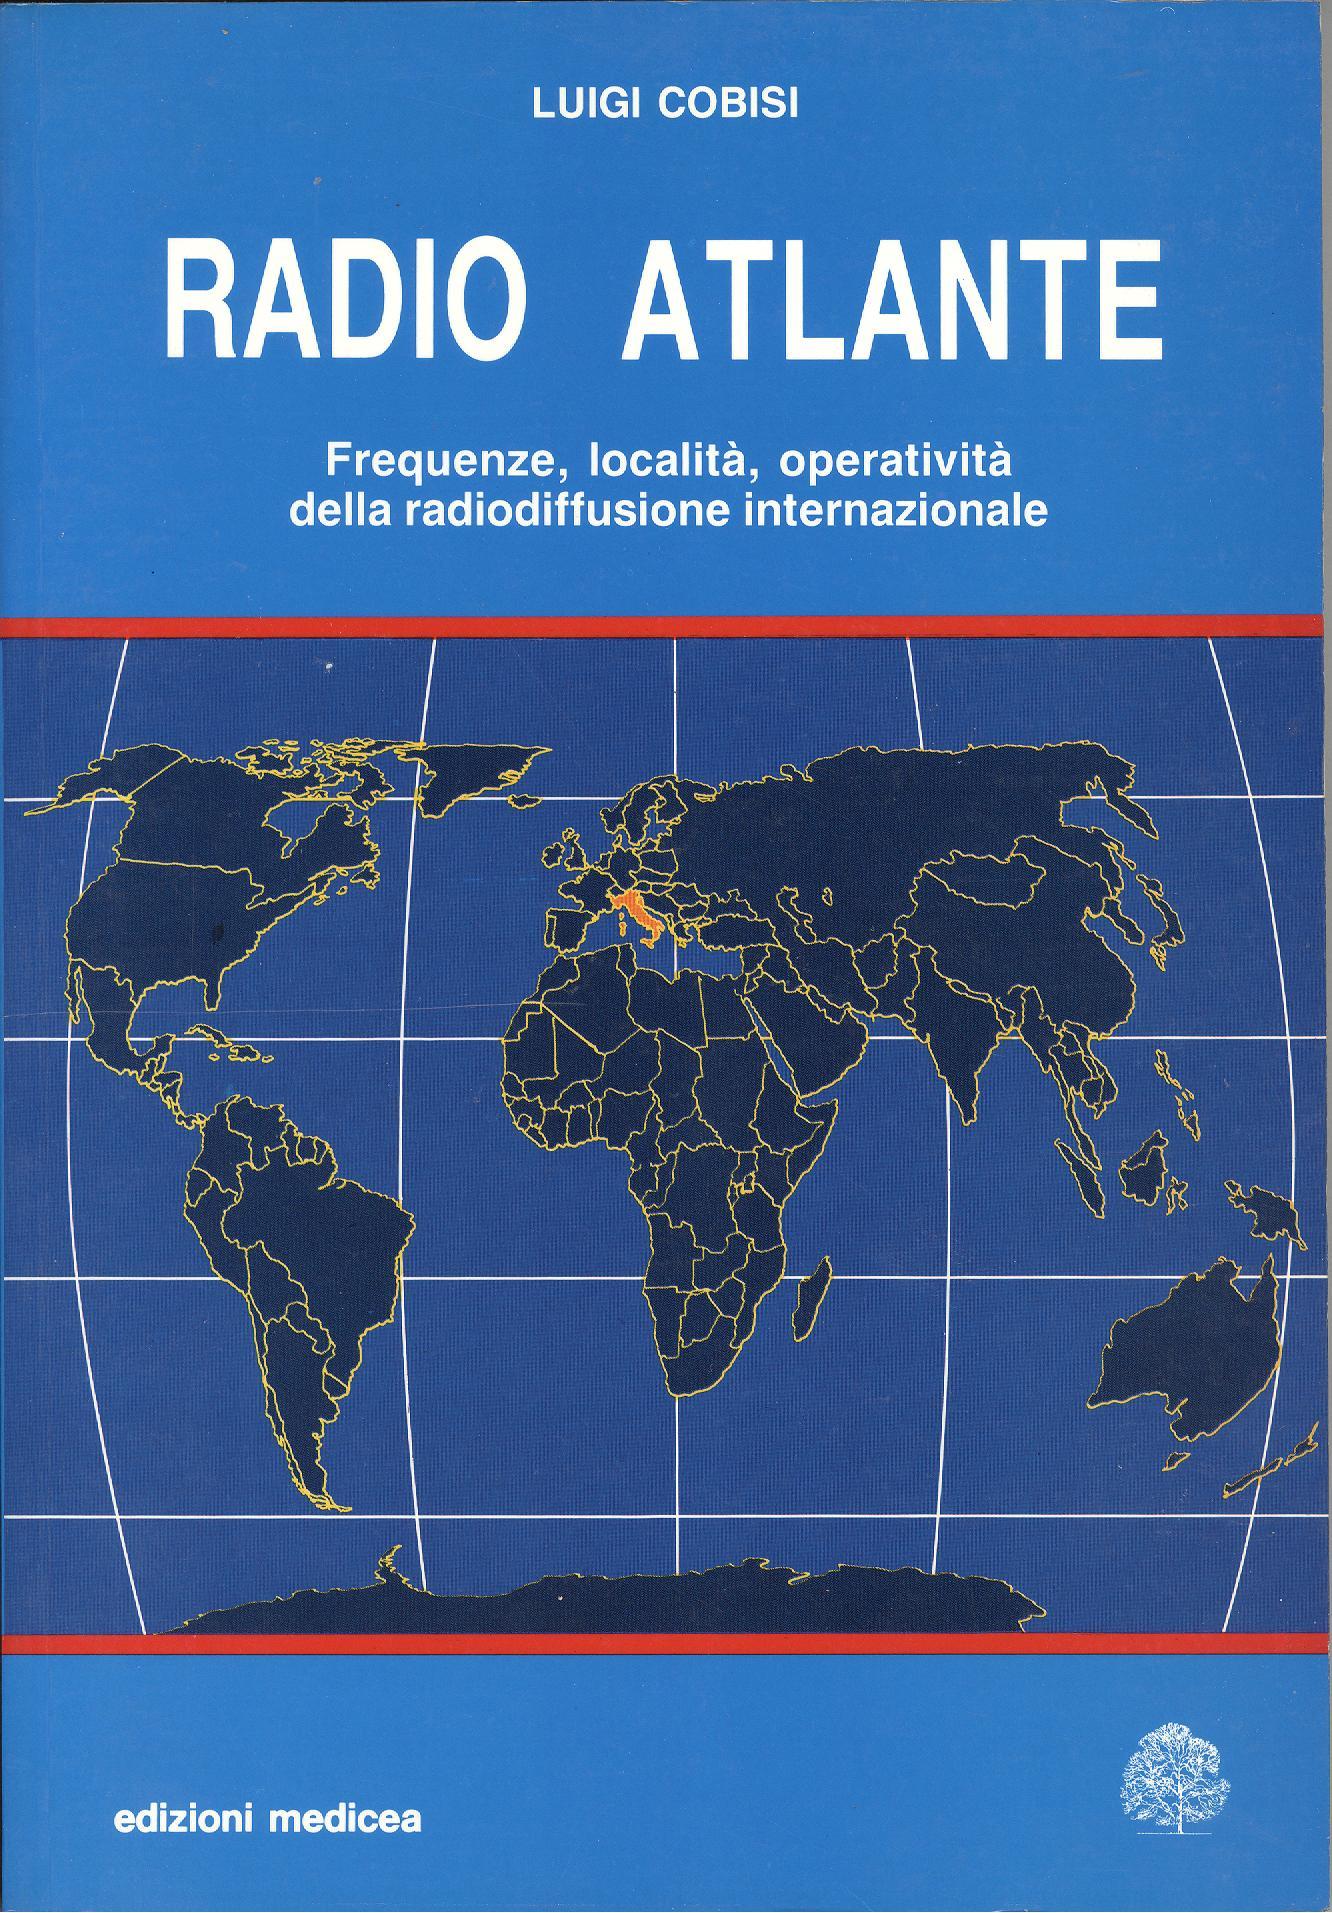 Radio Atlante